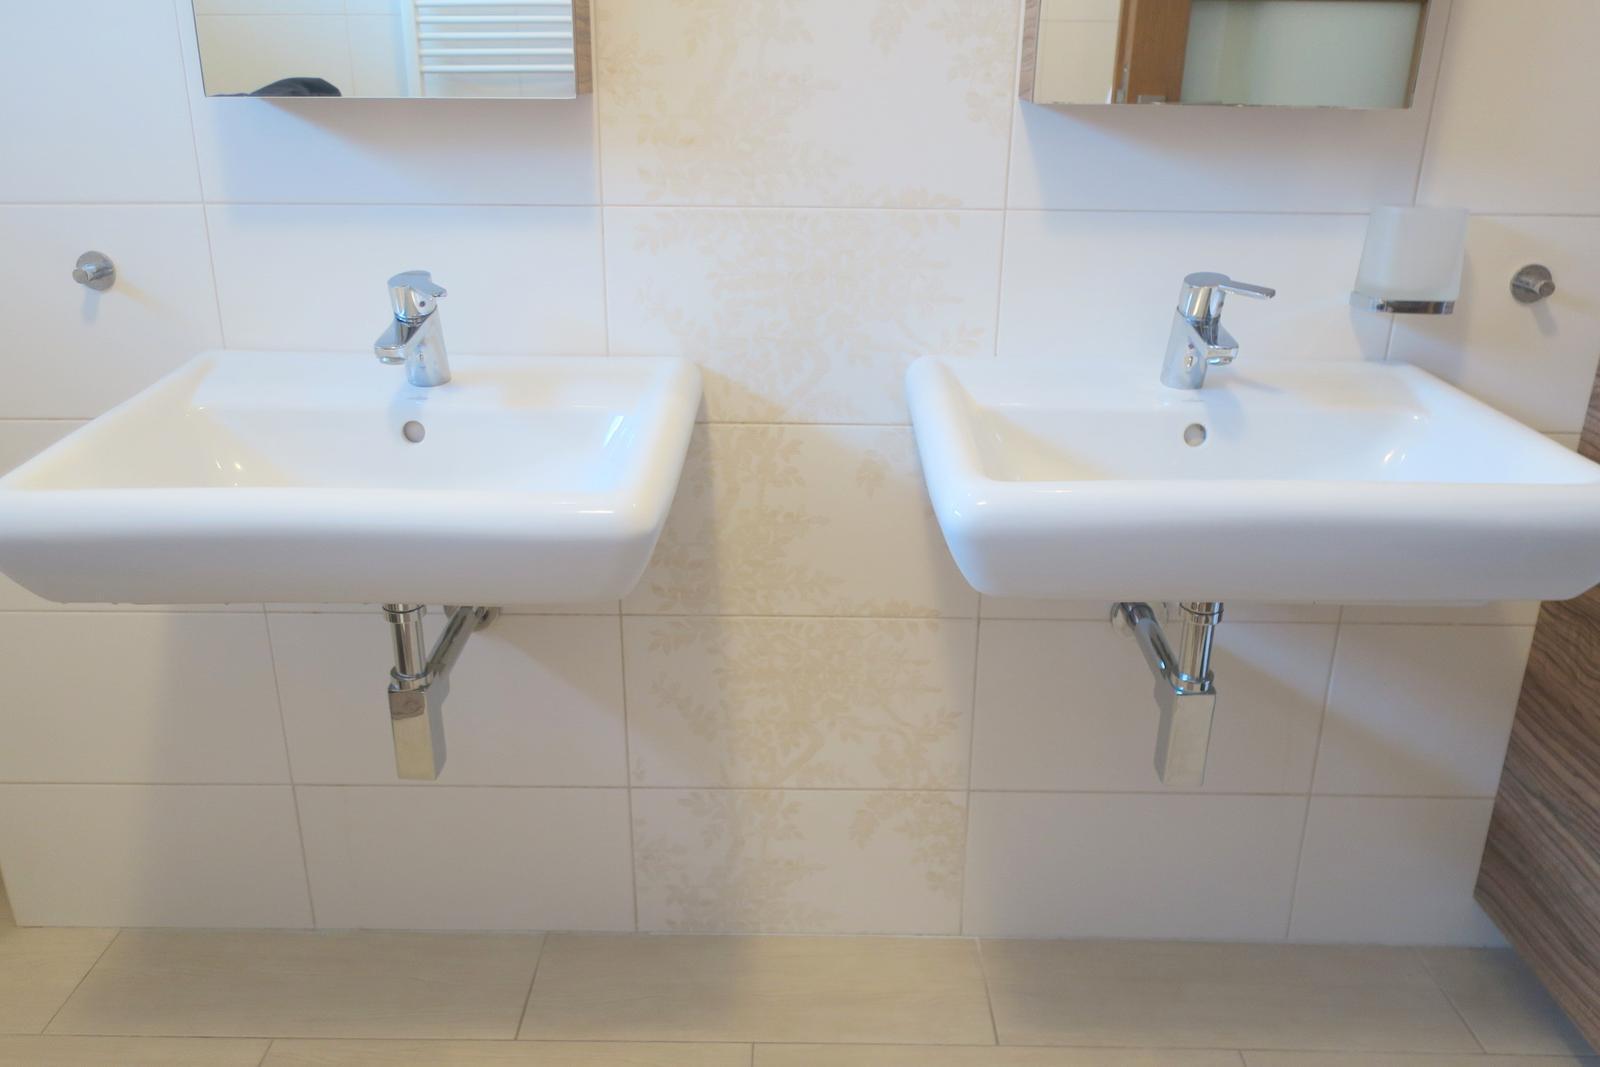 2 umývadla za cenu jedného - Obrázok č. 1